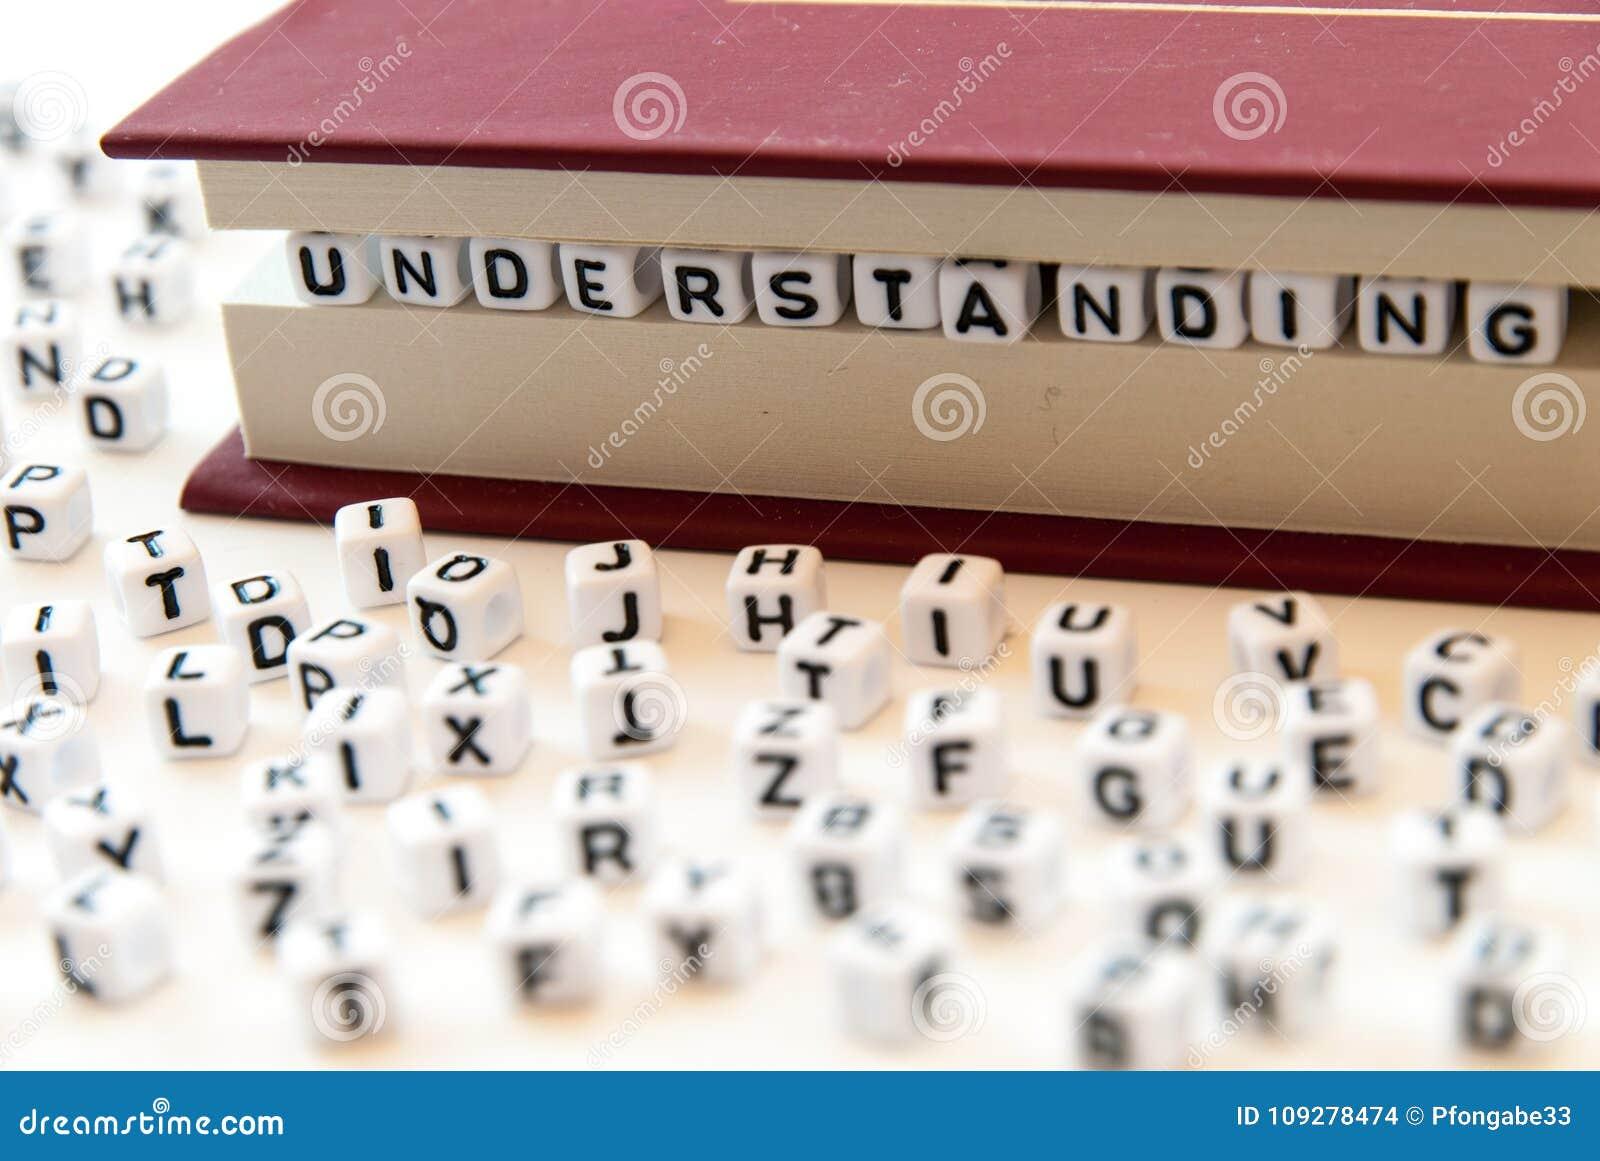 La comprensione di parola scritta con le lettere fra un libro impagina il fondo bianco con le lettere sparse intorno al concetto